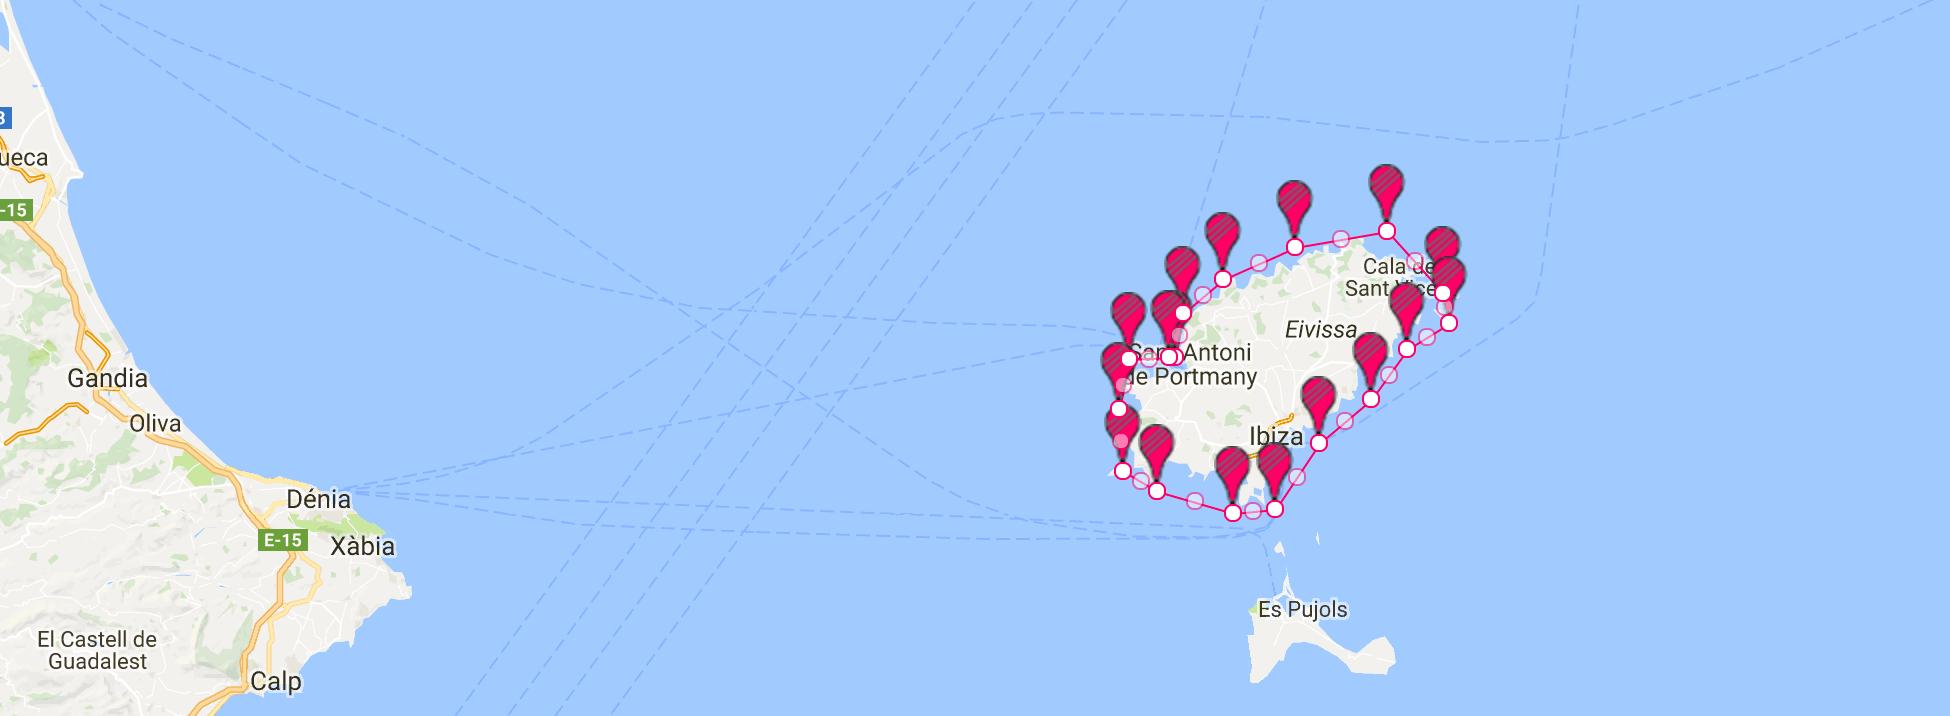 ibiza-sailing-itinerary-2017